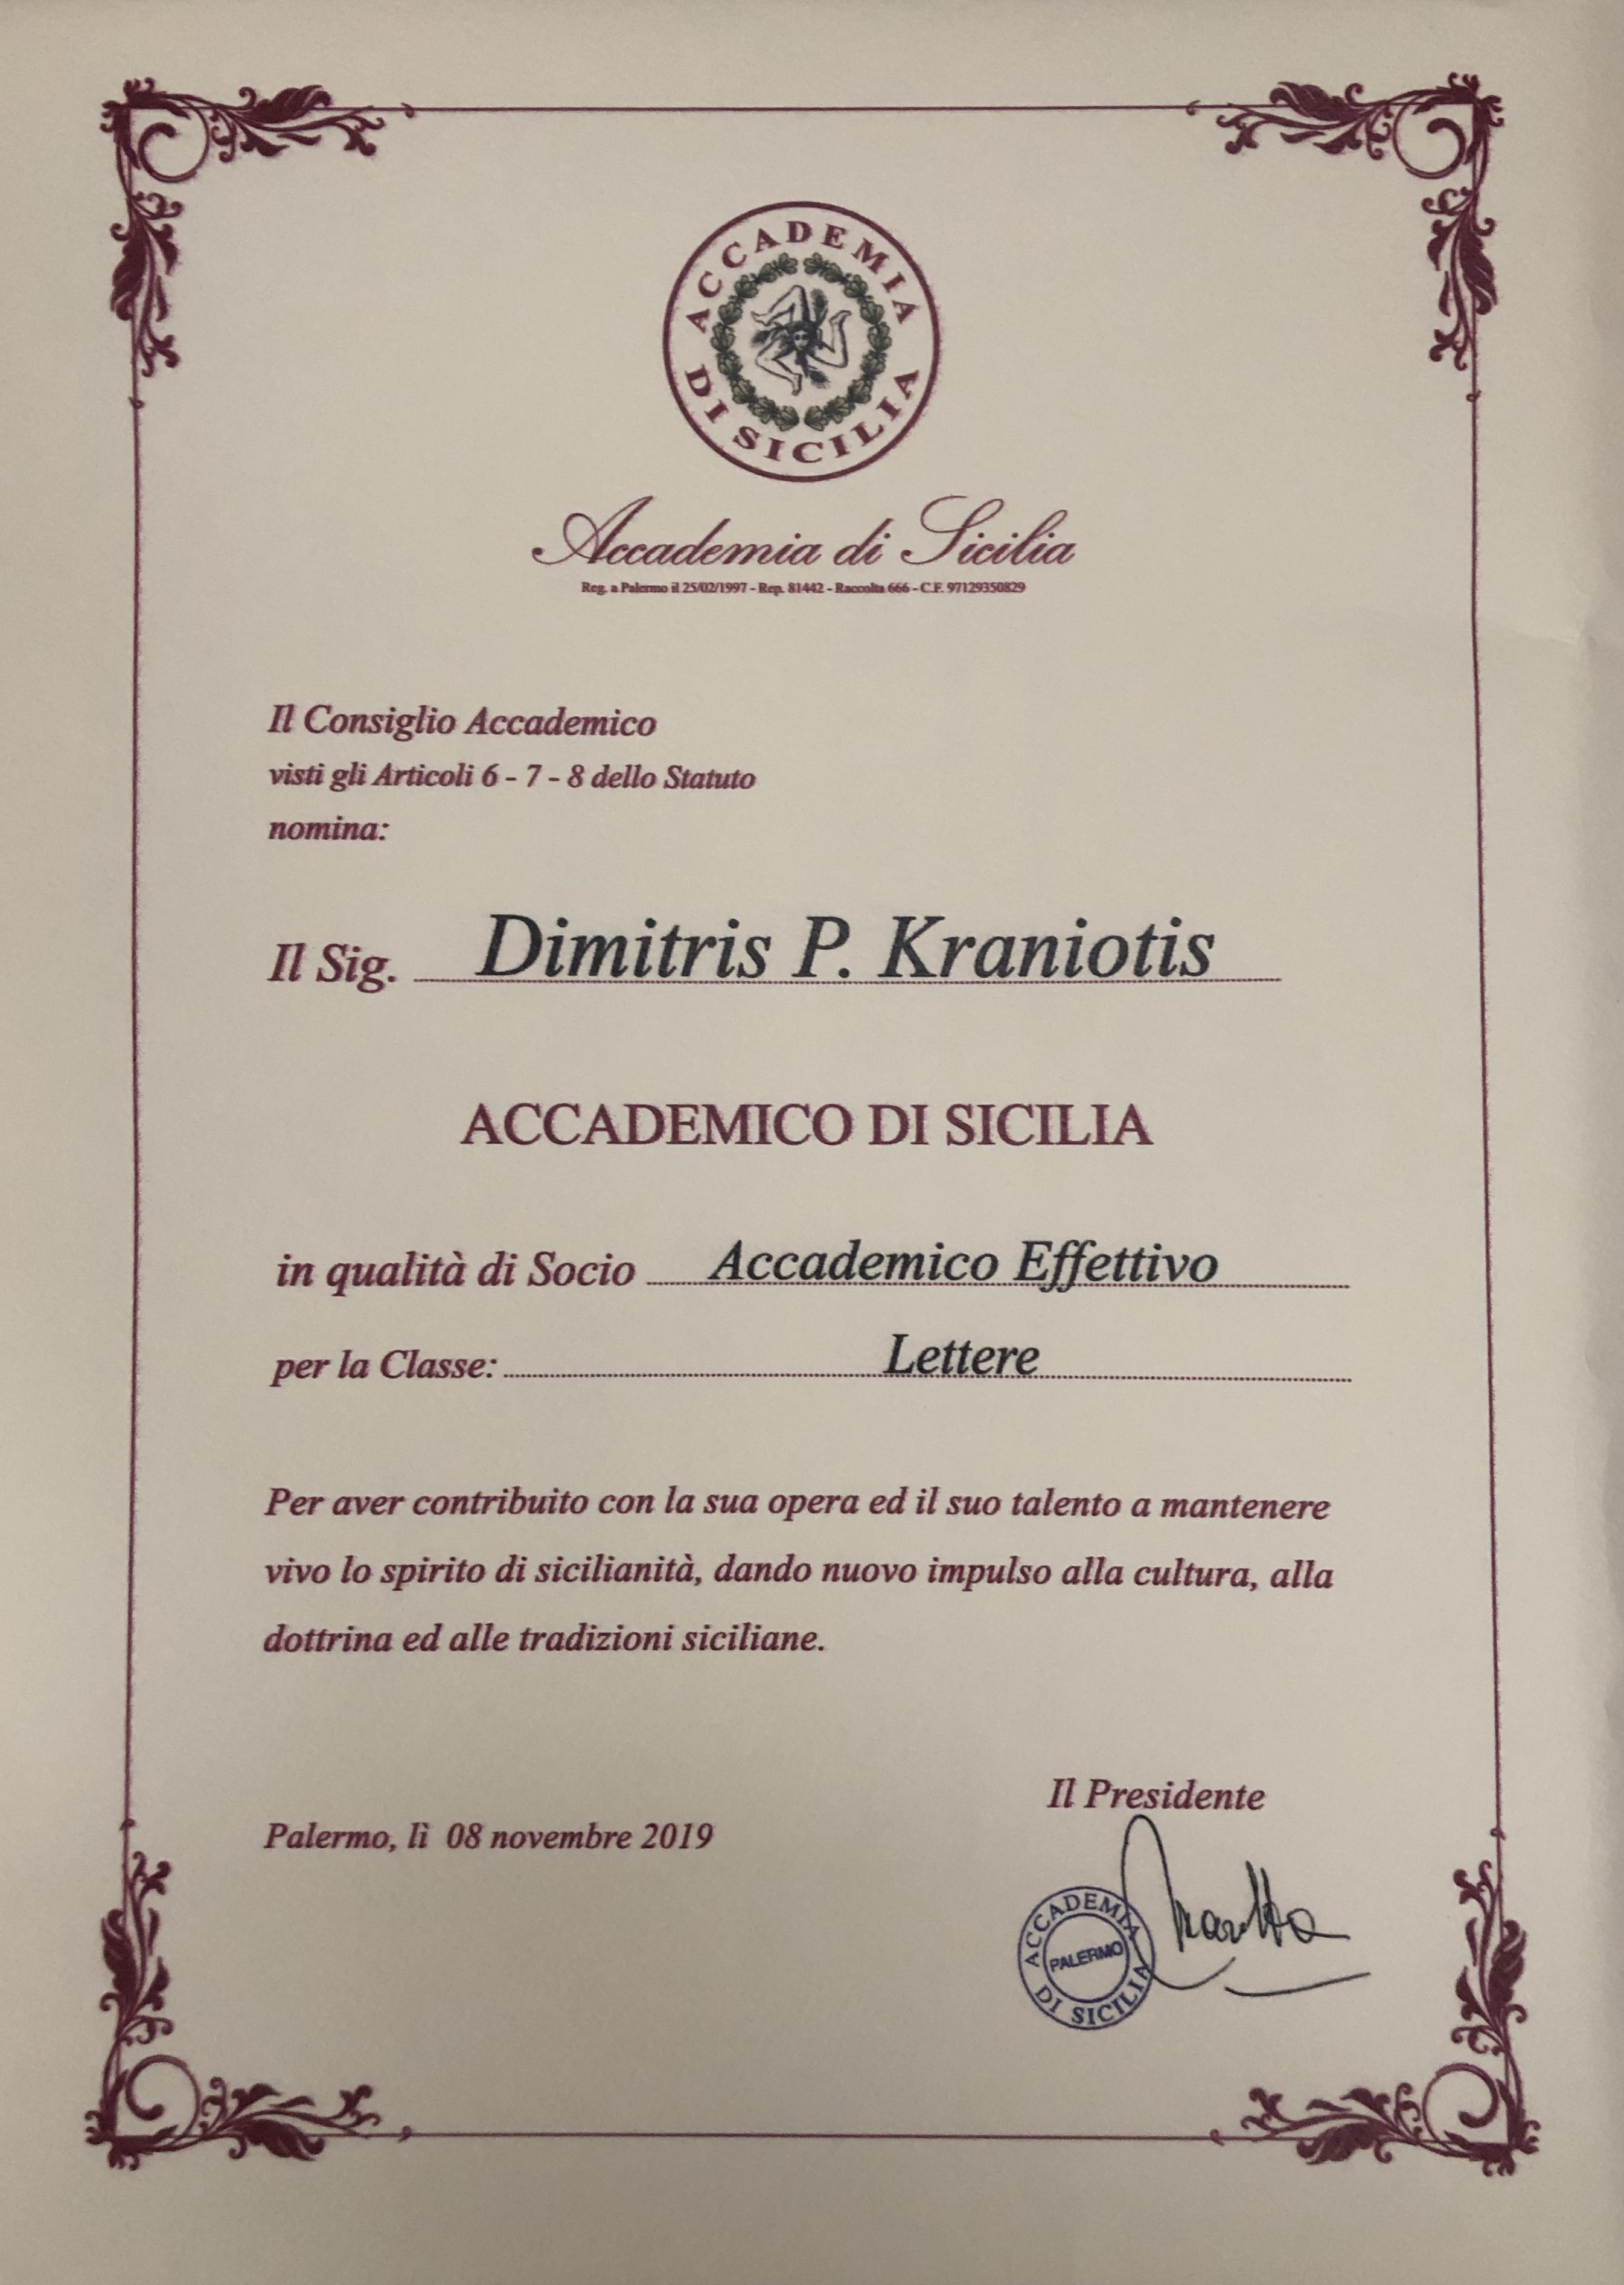 Ο Λαρισαίος ποιητής και γιατρός Δημήτρης Π. Κρανιώτης Ακαδημαϊκός της Σικελίας